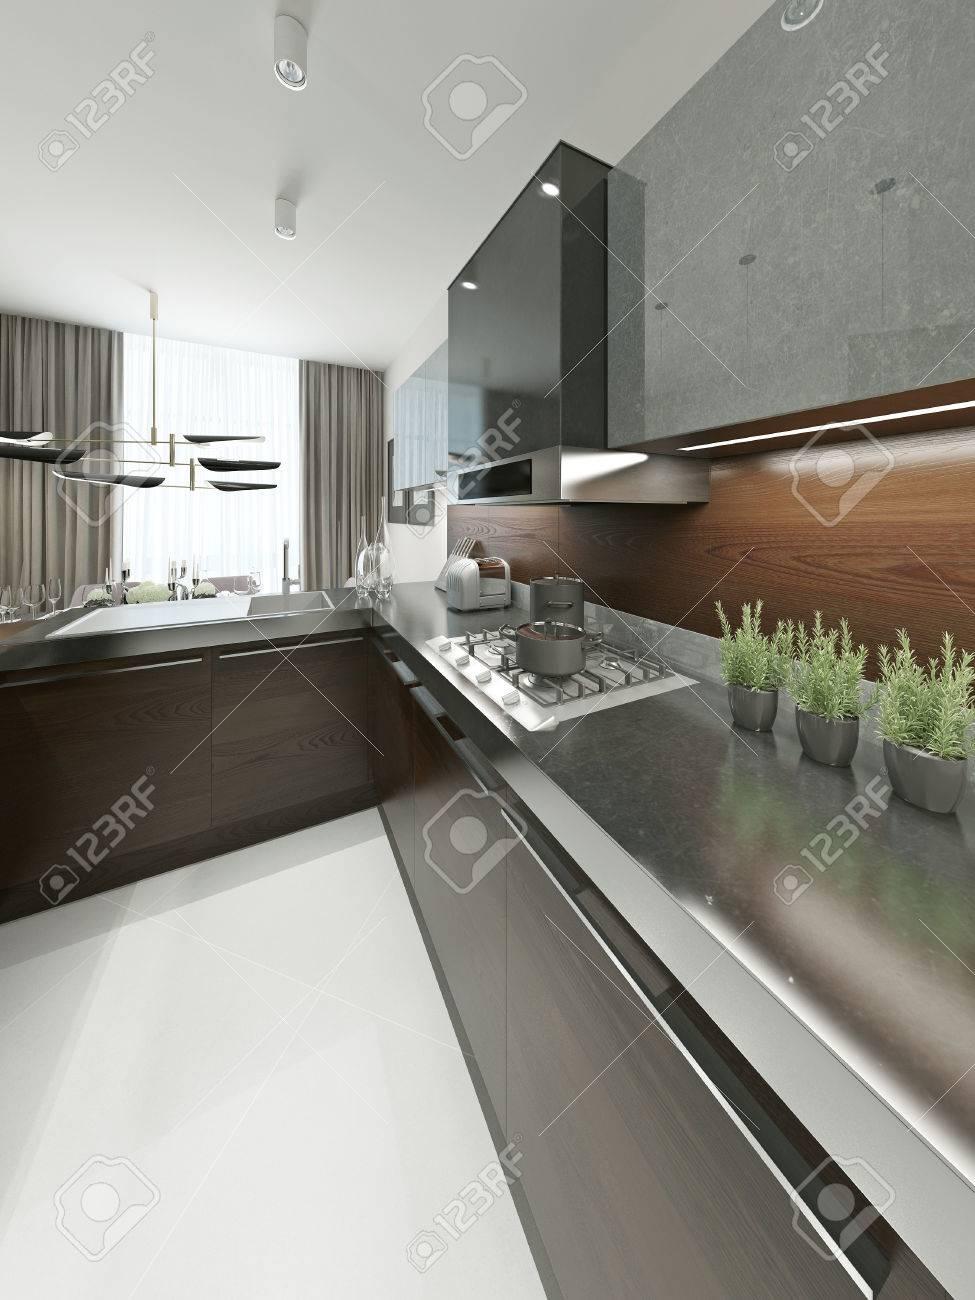 Moderne Küche Mit Metall-Arbeitsplatte. Möbel Aus Holz Und Metall ...